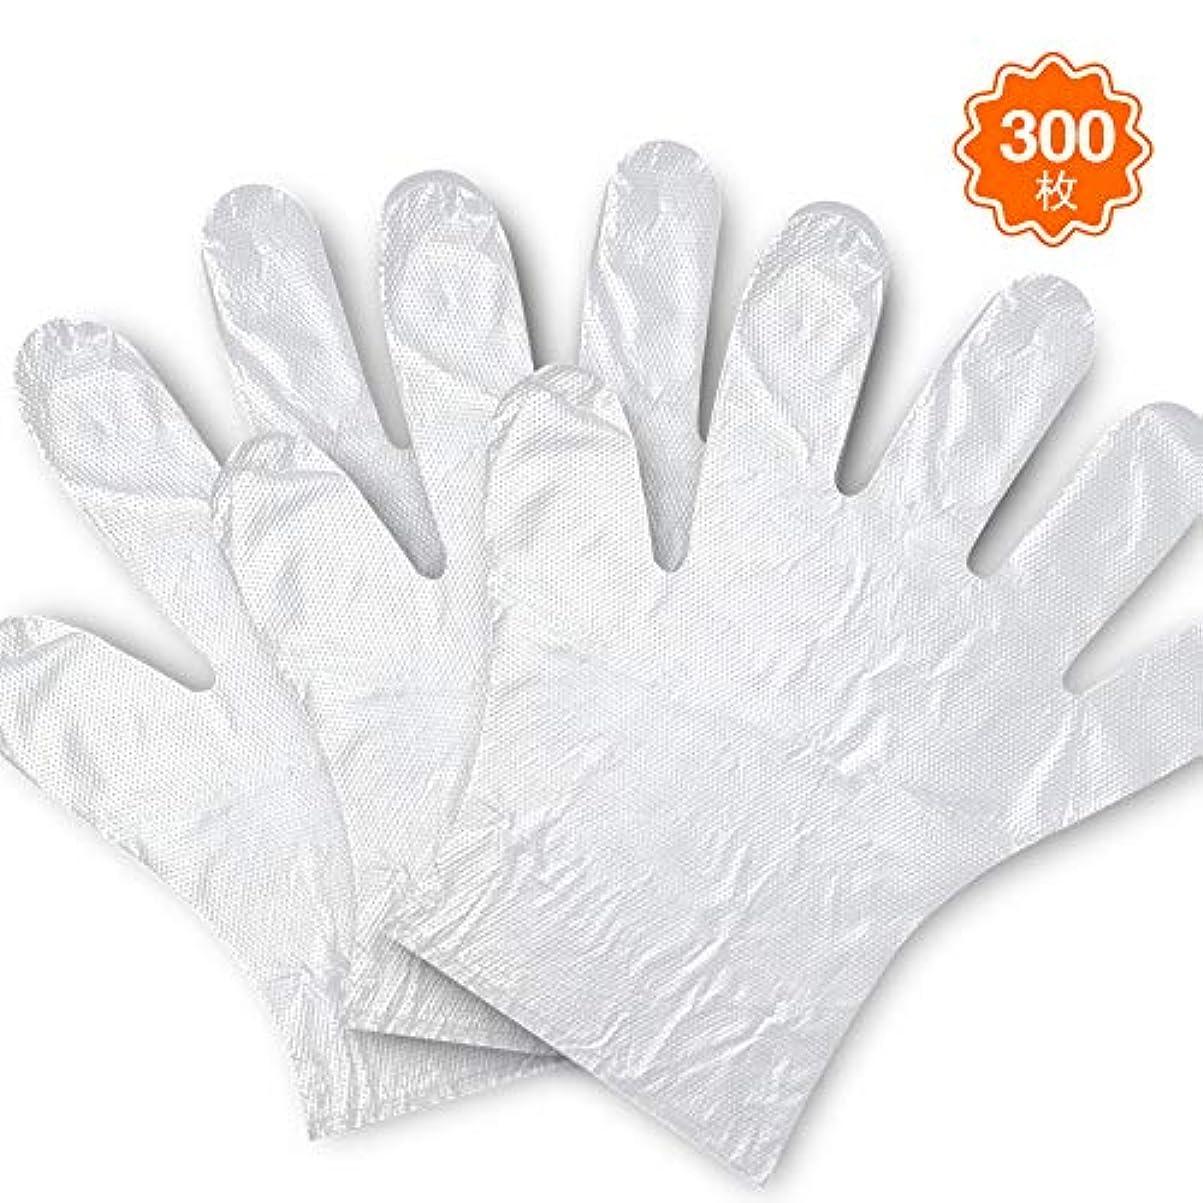 バーチャル貧しい決してFanDaMei 使い捨てポリ手袋 300枚 使いきり手袋 ポリエチレン 使い捨て手袋 極薄手袋 調理に?お掃除に?毛染めに 食品衛生法適合